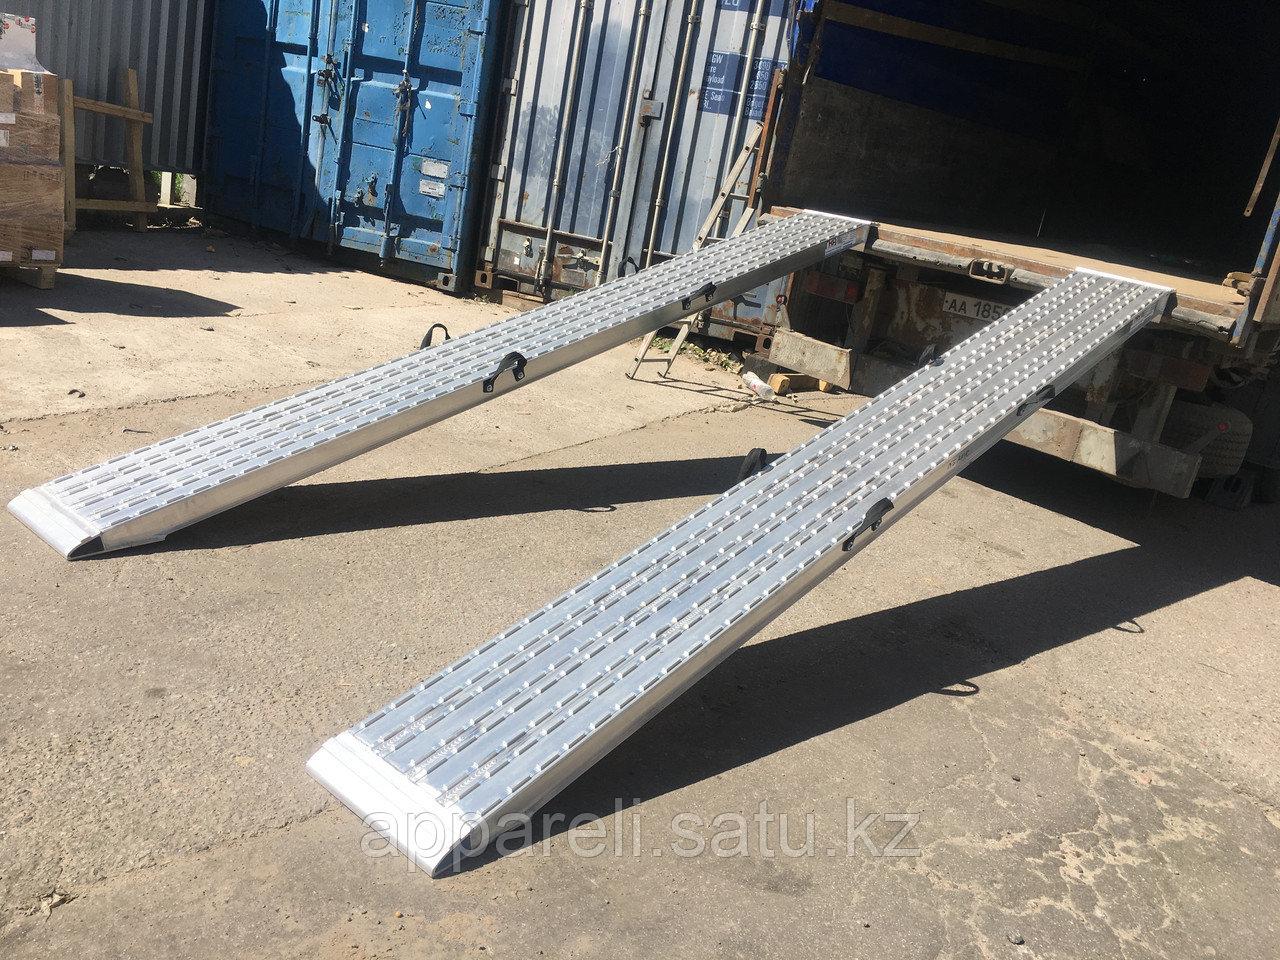 Алюминиевые аппарели до 12 тонн, 3500 мм длина.